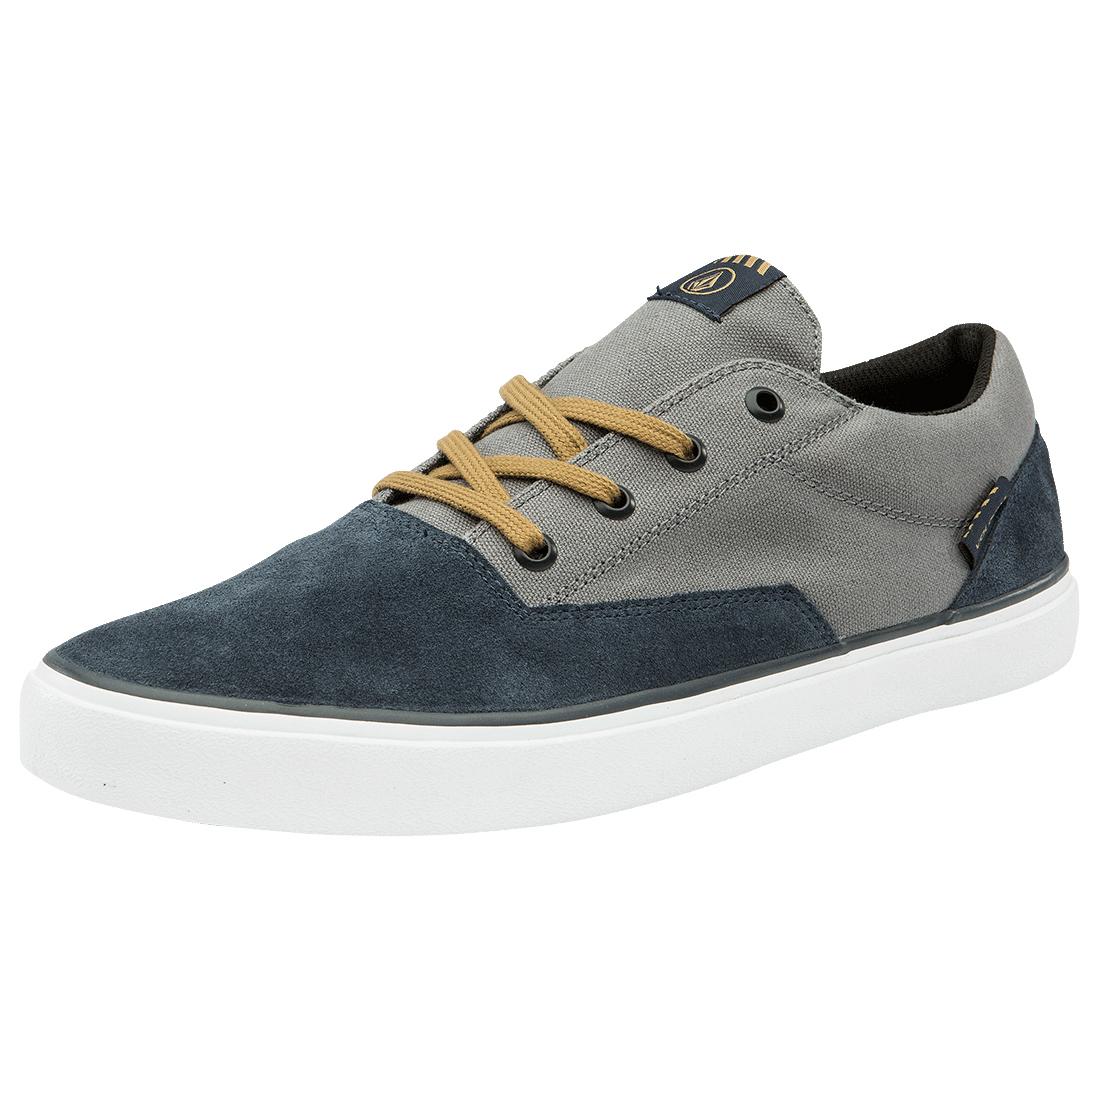 Volcom Draw LO Suede Shoe Sneakers Men's | Buy online